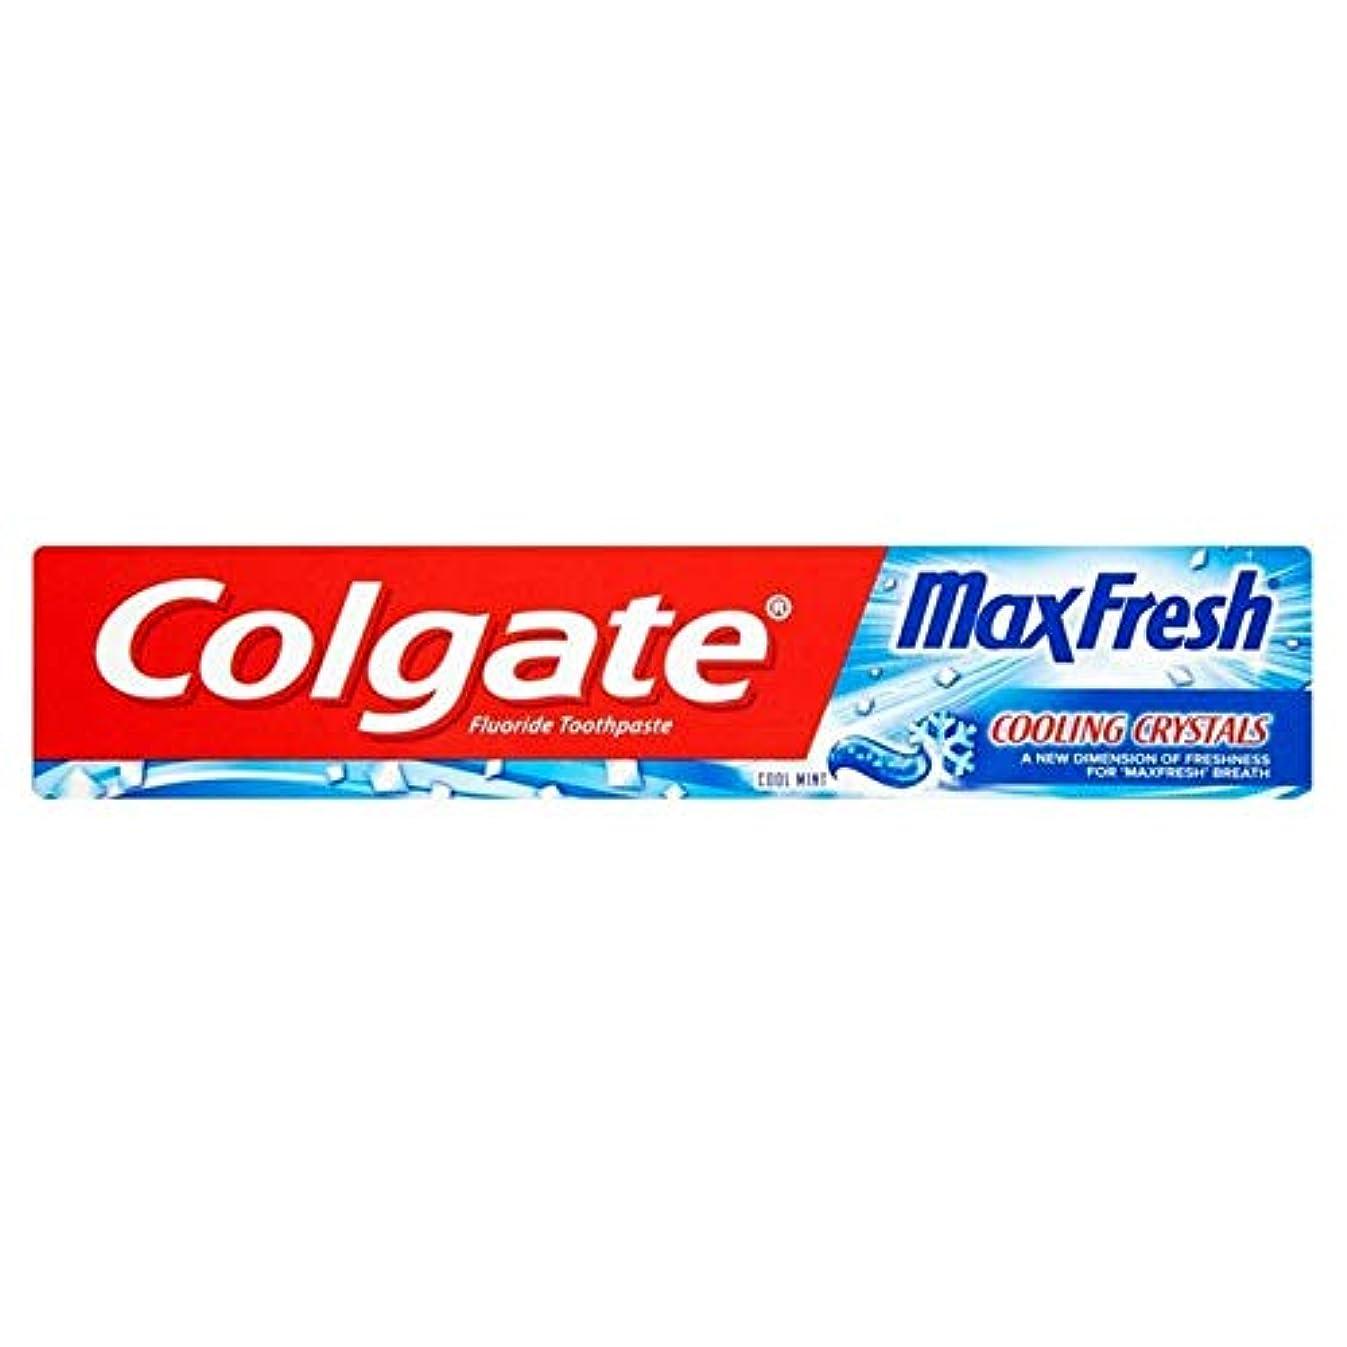 ミリメートル転送ライブ[Colgate ] 冷却結晶歯磨き粉75ミリリットル新鮮なコルゲートマックス - Colgate Max Fresh with Cooling Crystals Toothpaste 75ml [並行輸入品]